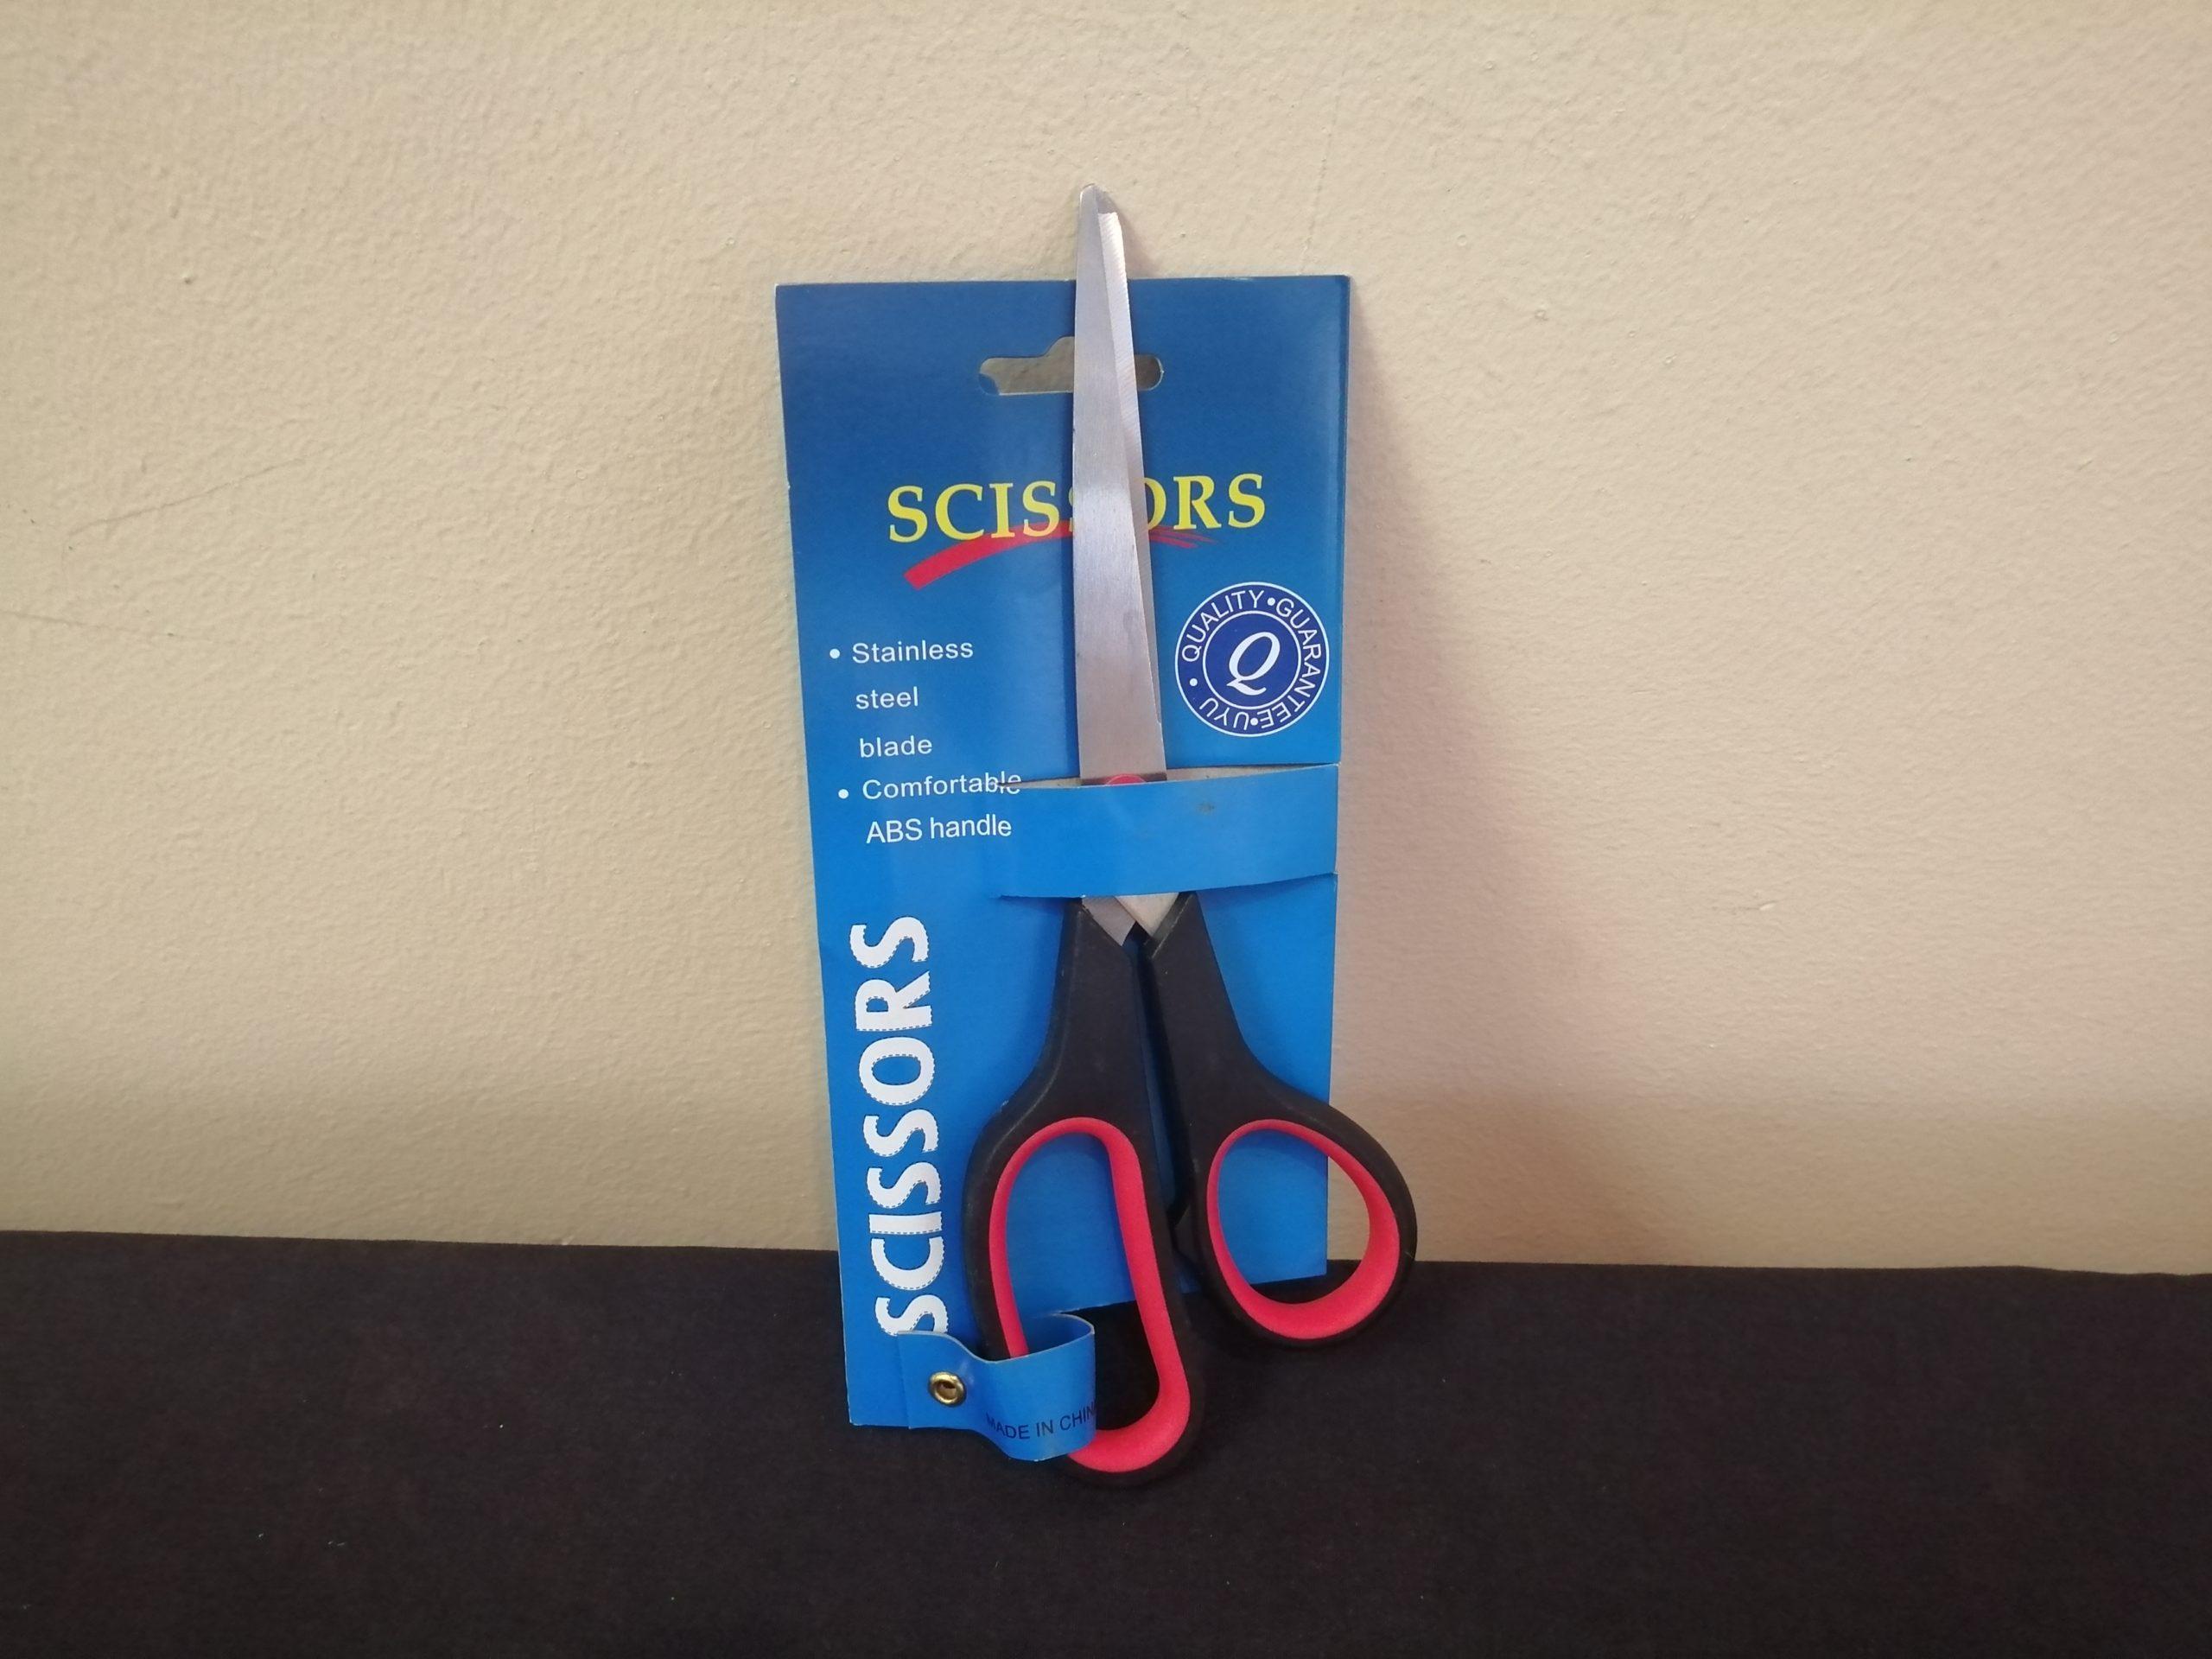 Scisors steel blade from Mercury Whosalers